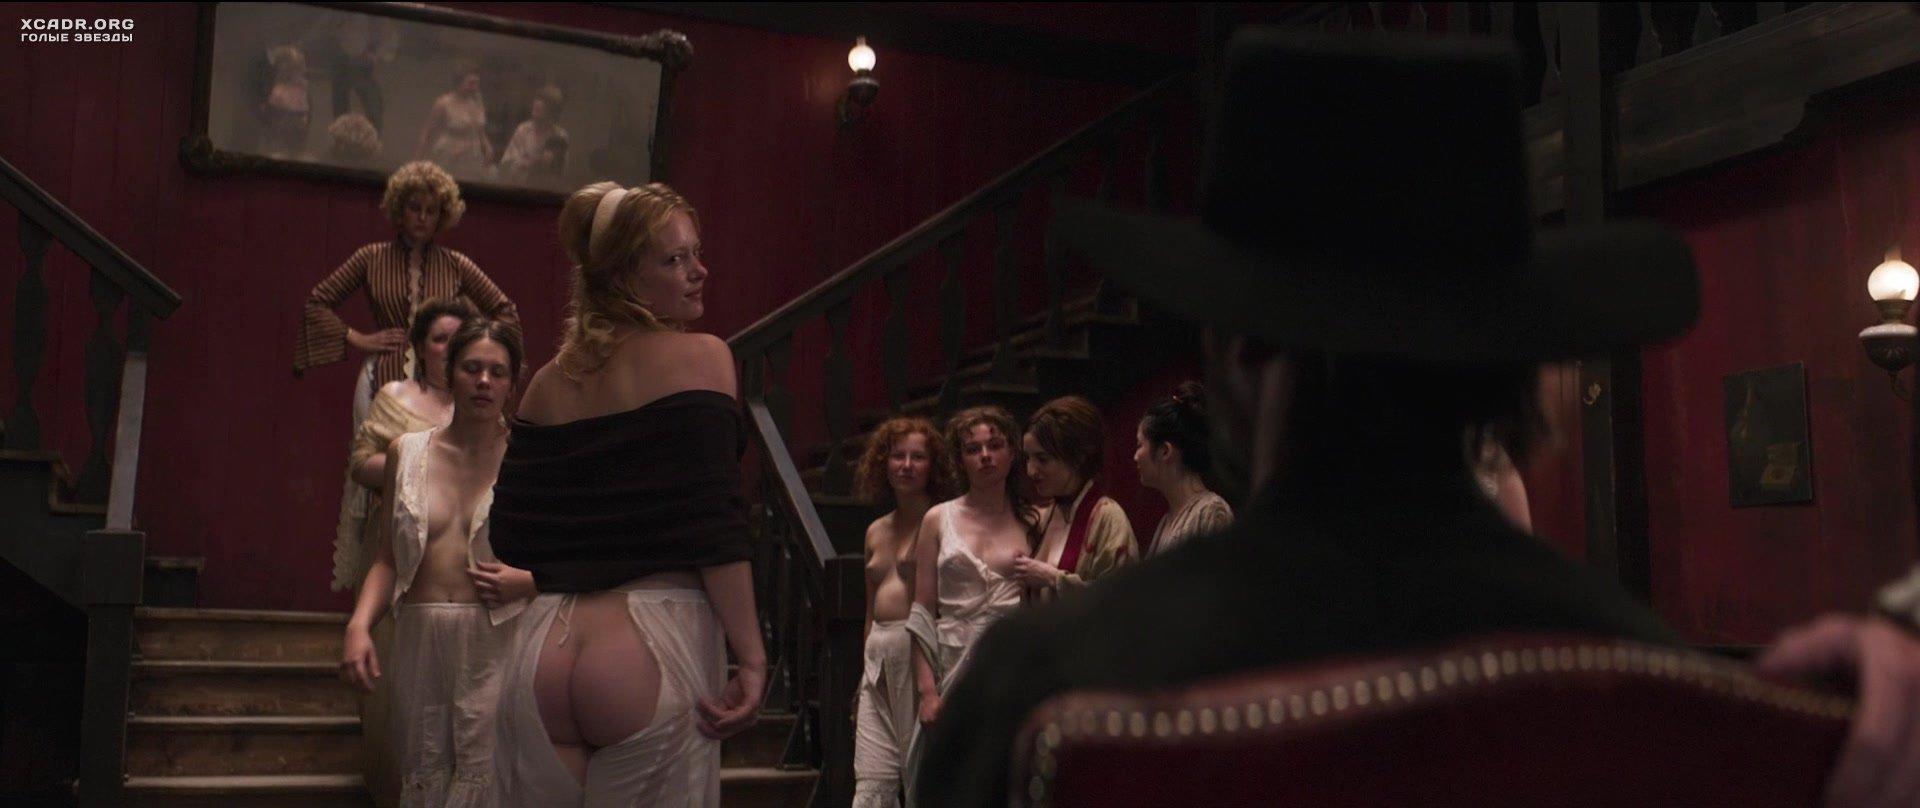 сцене проститутки в кино хд дама дед трахались